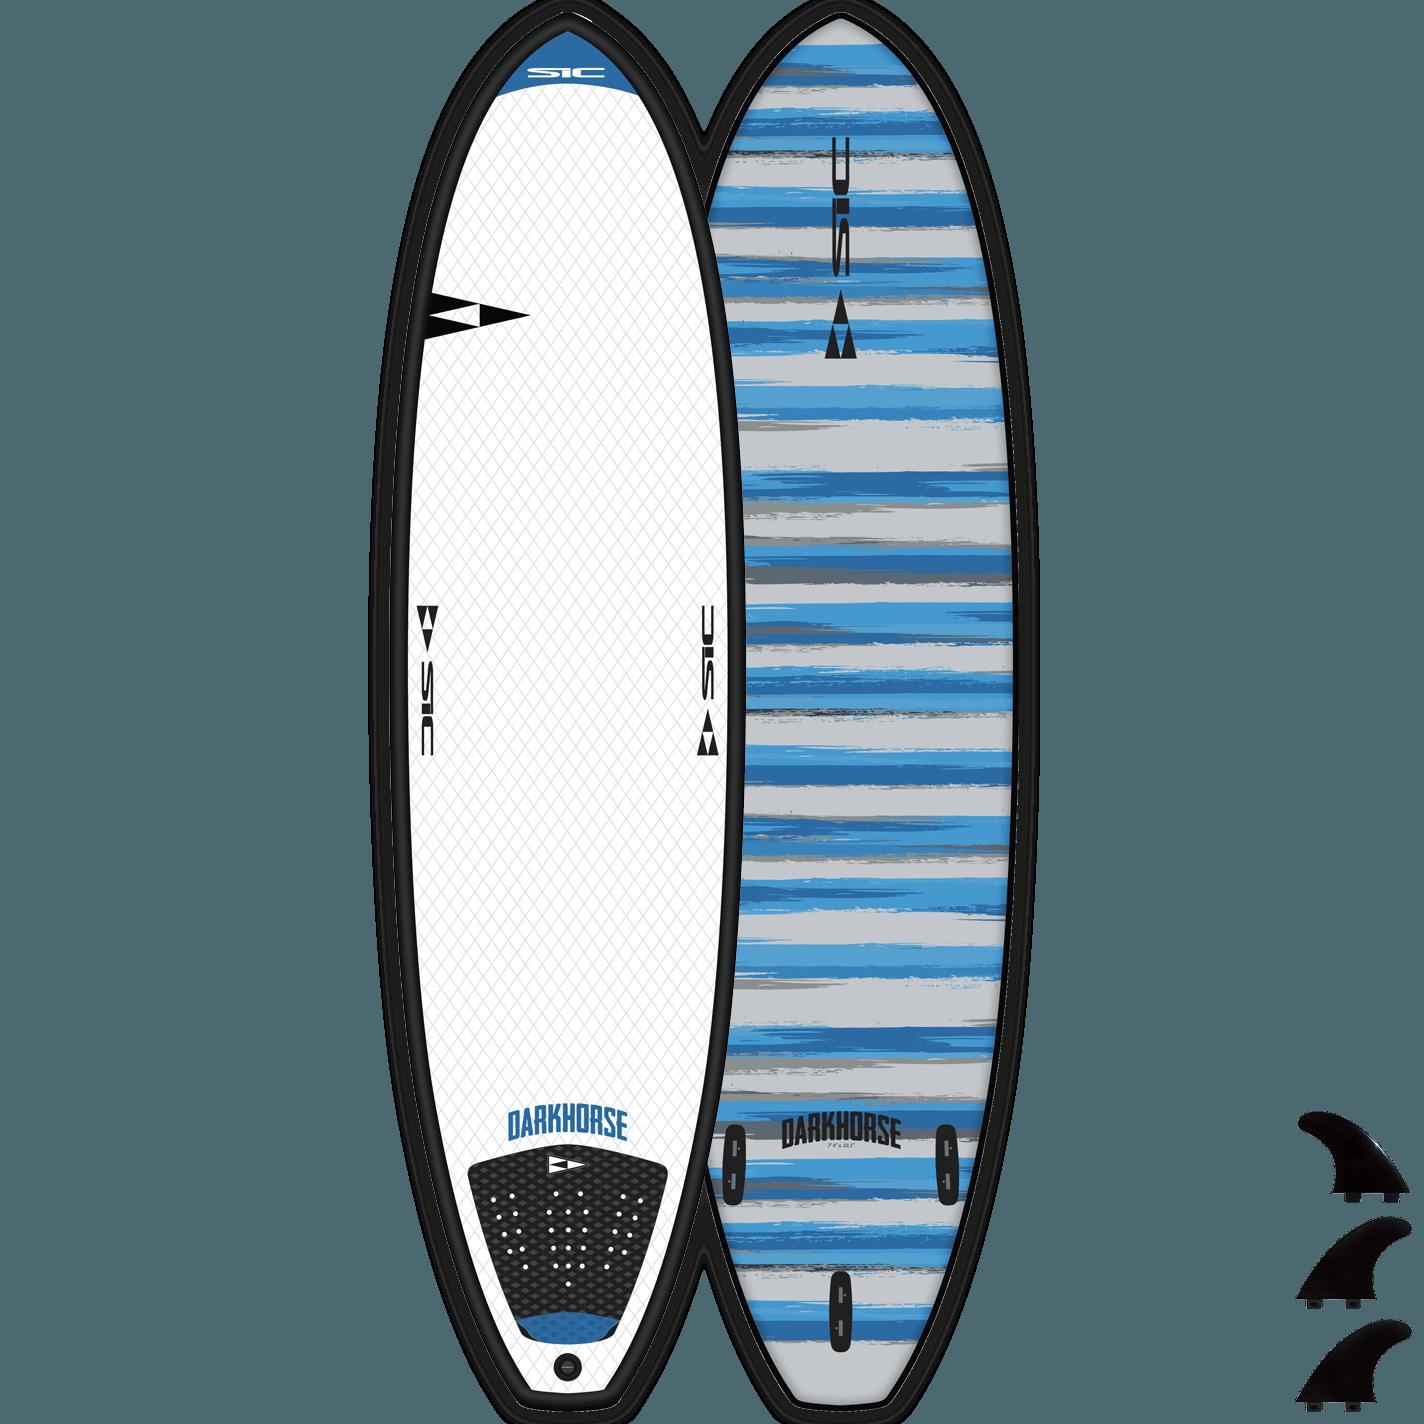 SURF SIC - DARKHORSE (VORTEX) 7'4'' - Top - 106417